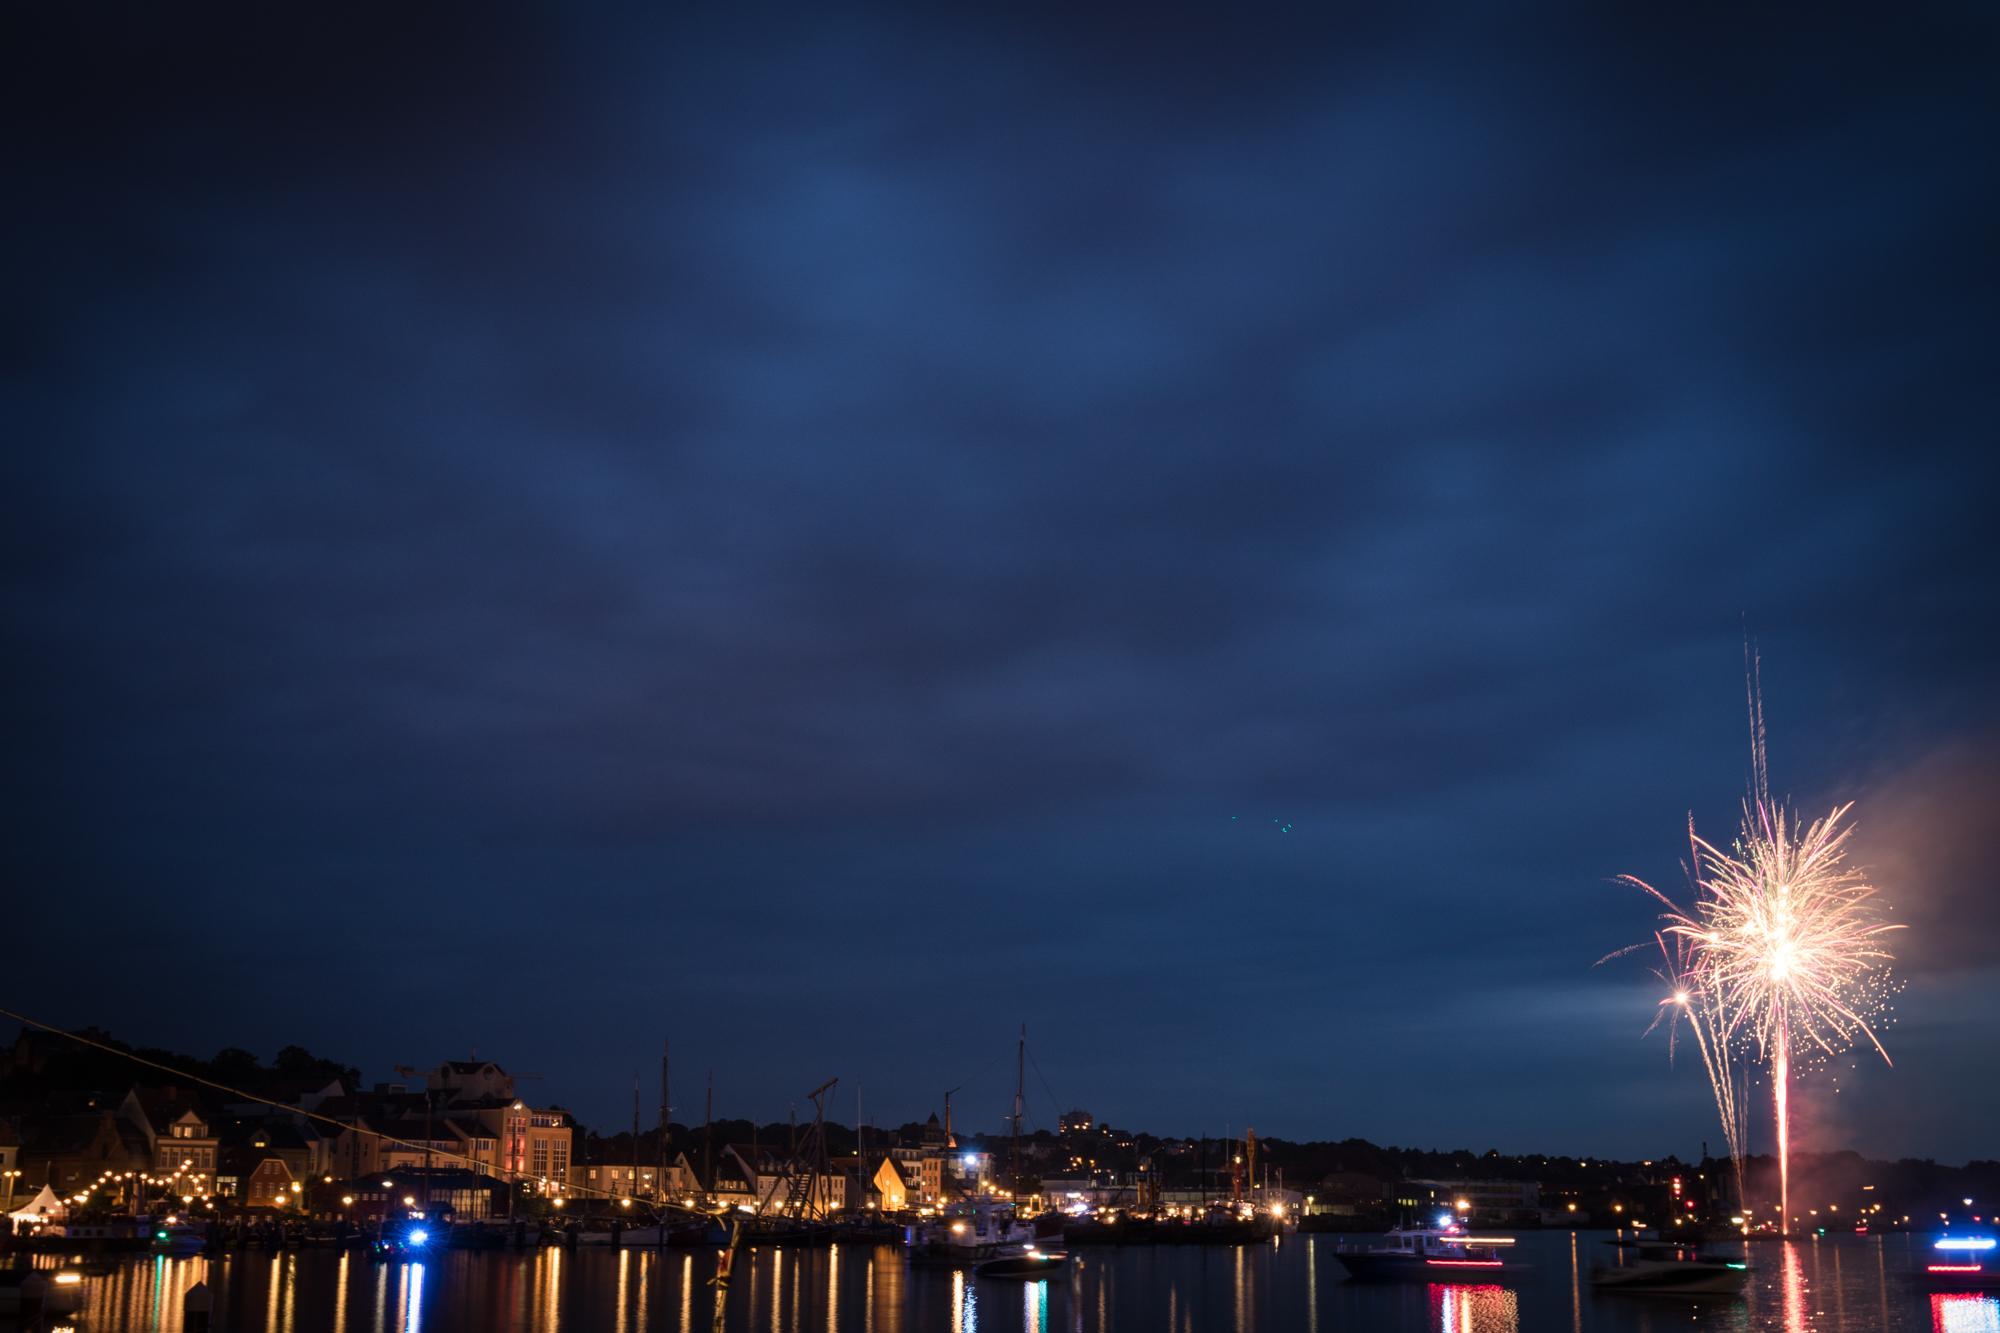 Flensburger Dampf Rundum Feuerwerk